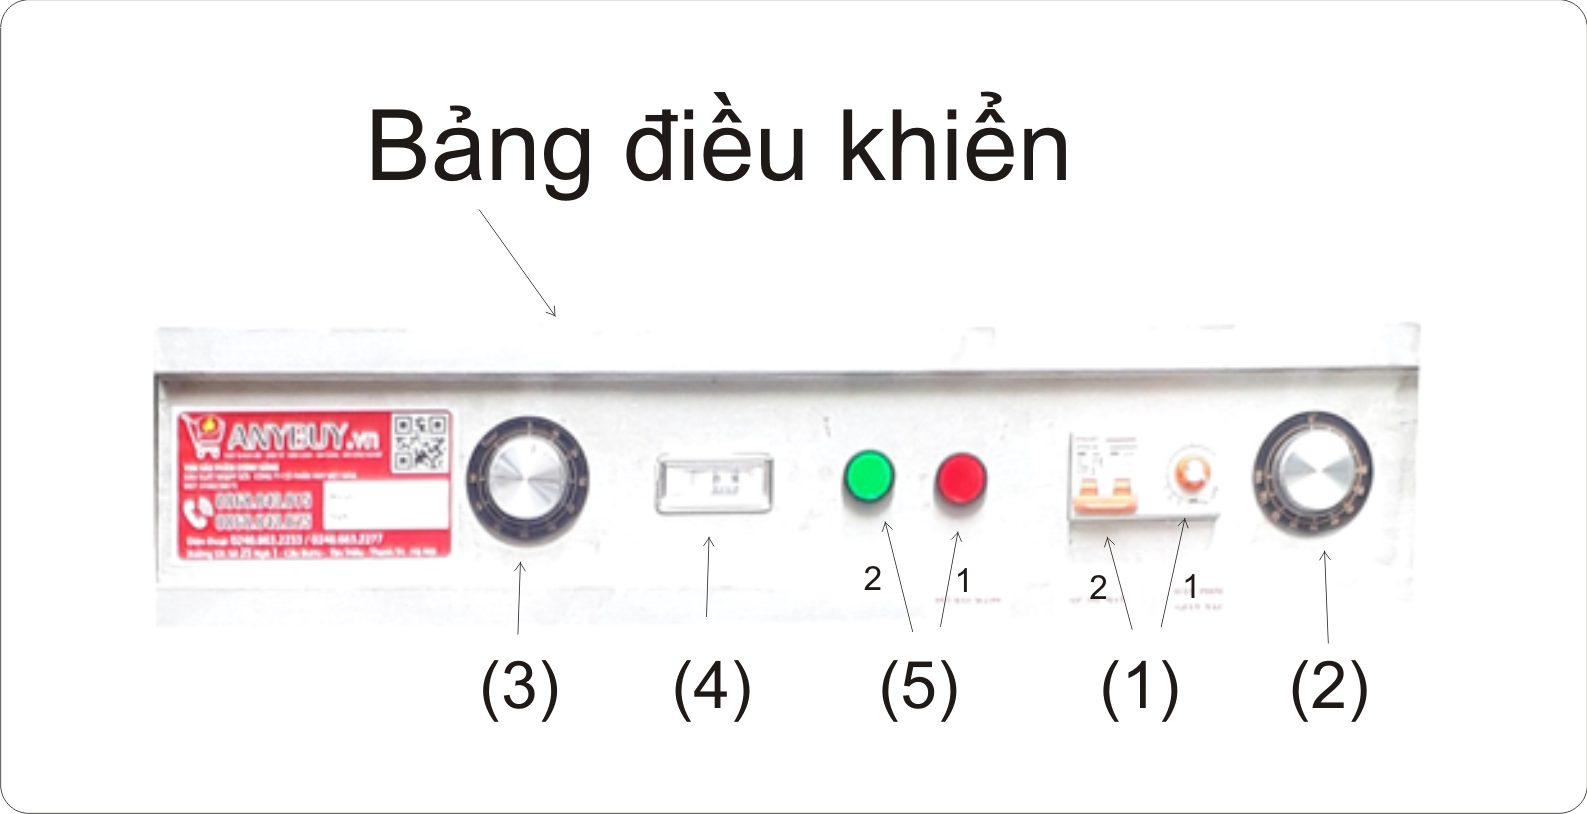 Bảng điều khiển tủ nấu cơm điện Aptomat